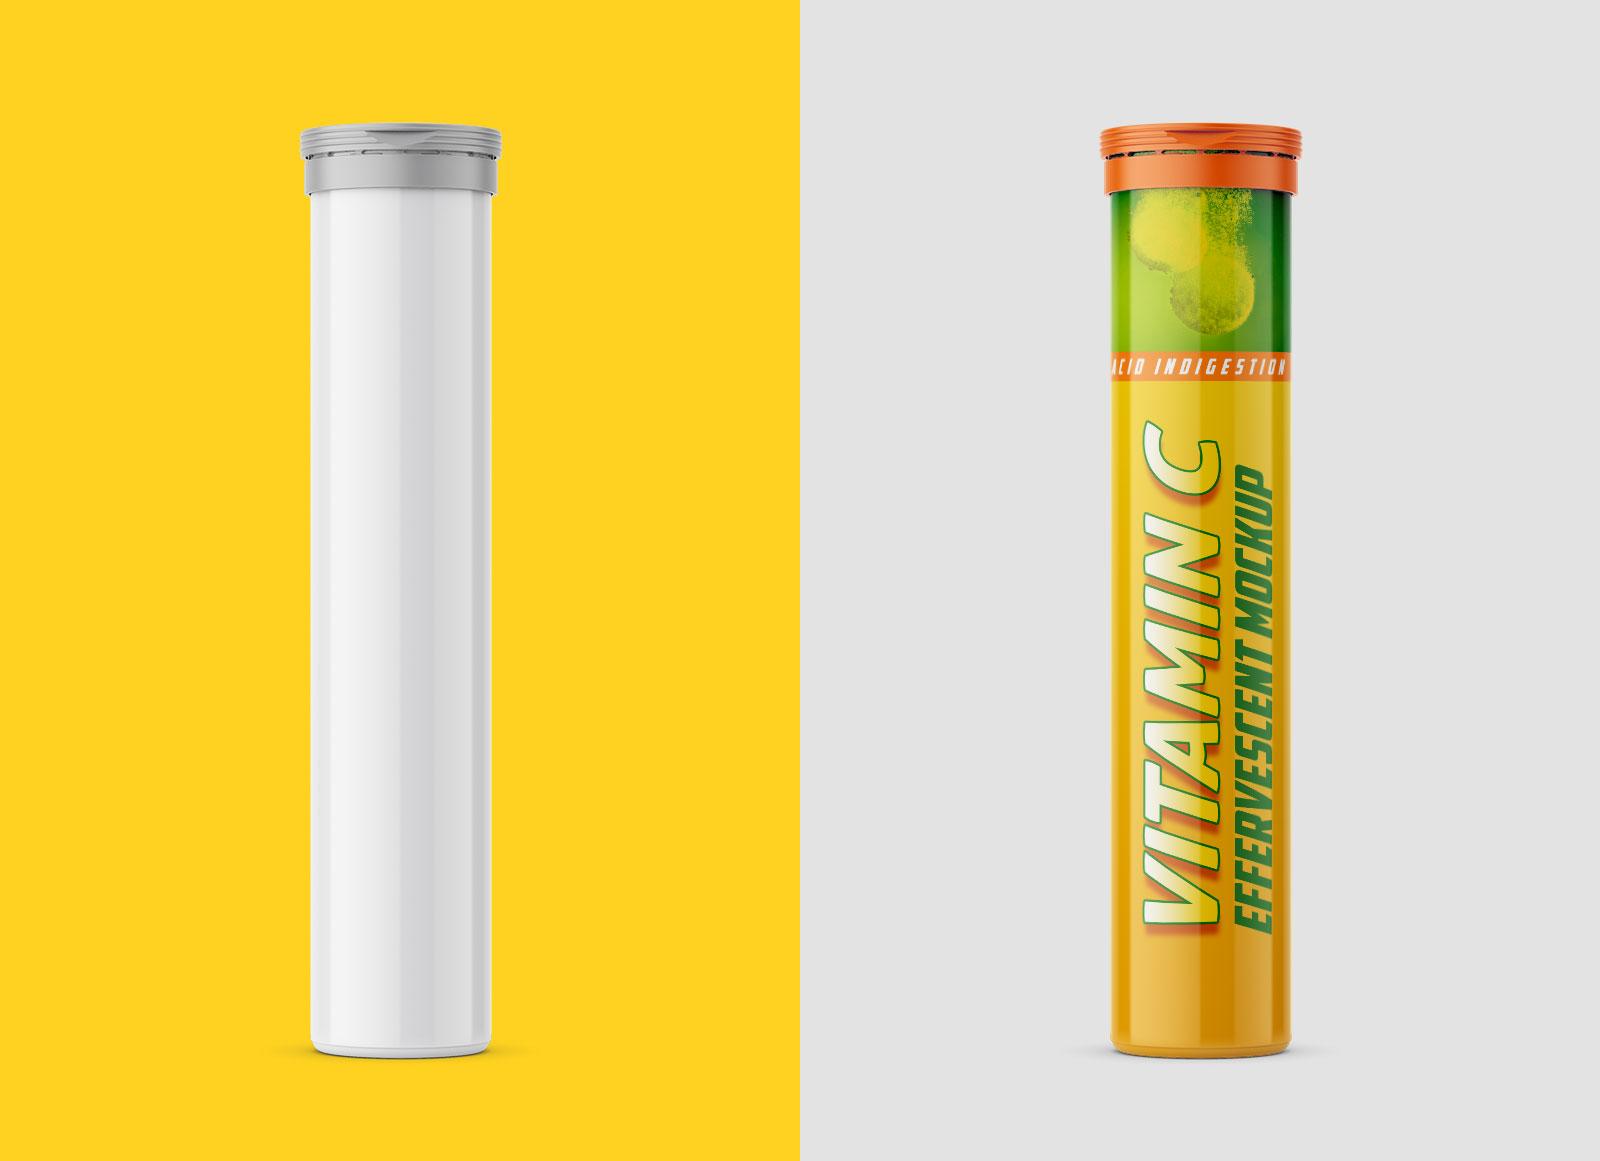 Free-Effervescent-Tablets-Bottle-Mockup-PSD-2